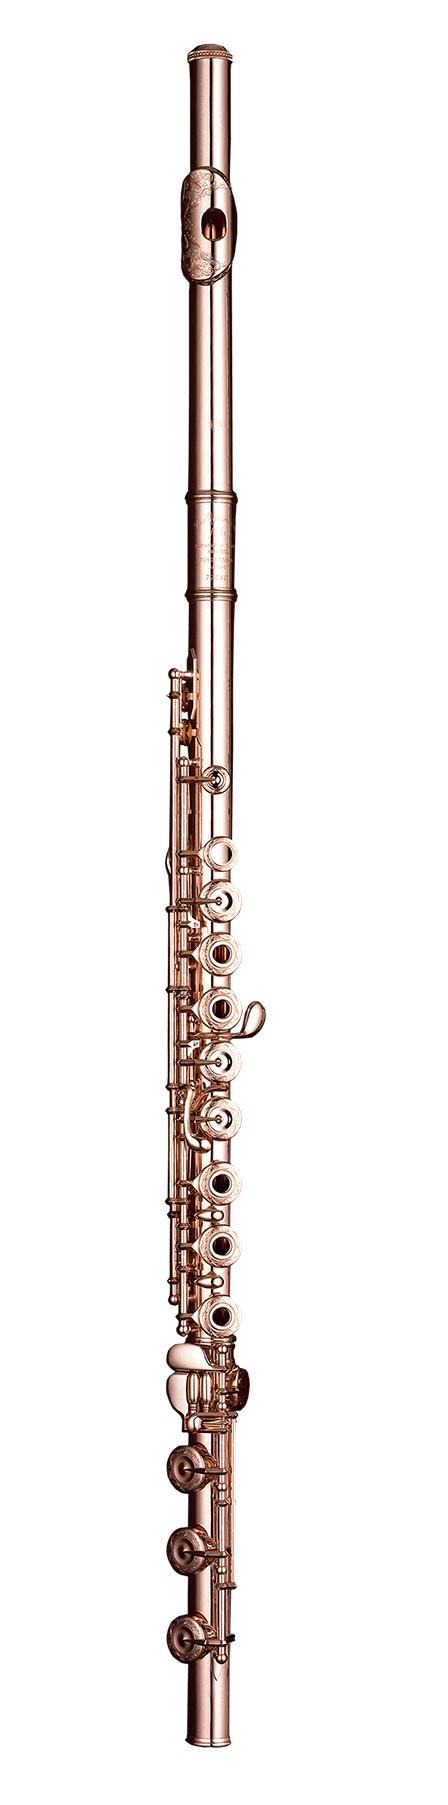 Muramatsu - 14 - K Go/Go - RBEI - Holzblasinstrumente - Flöten mit E-Mechanik | MUSIK BERTRAM Deutschland Freiburg